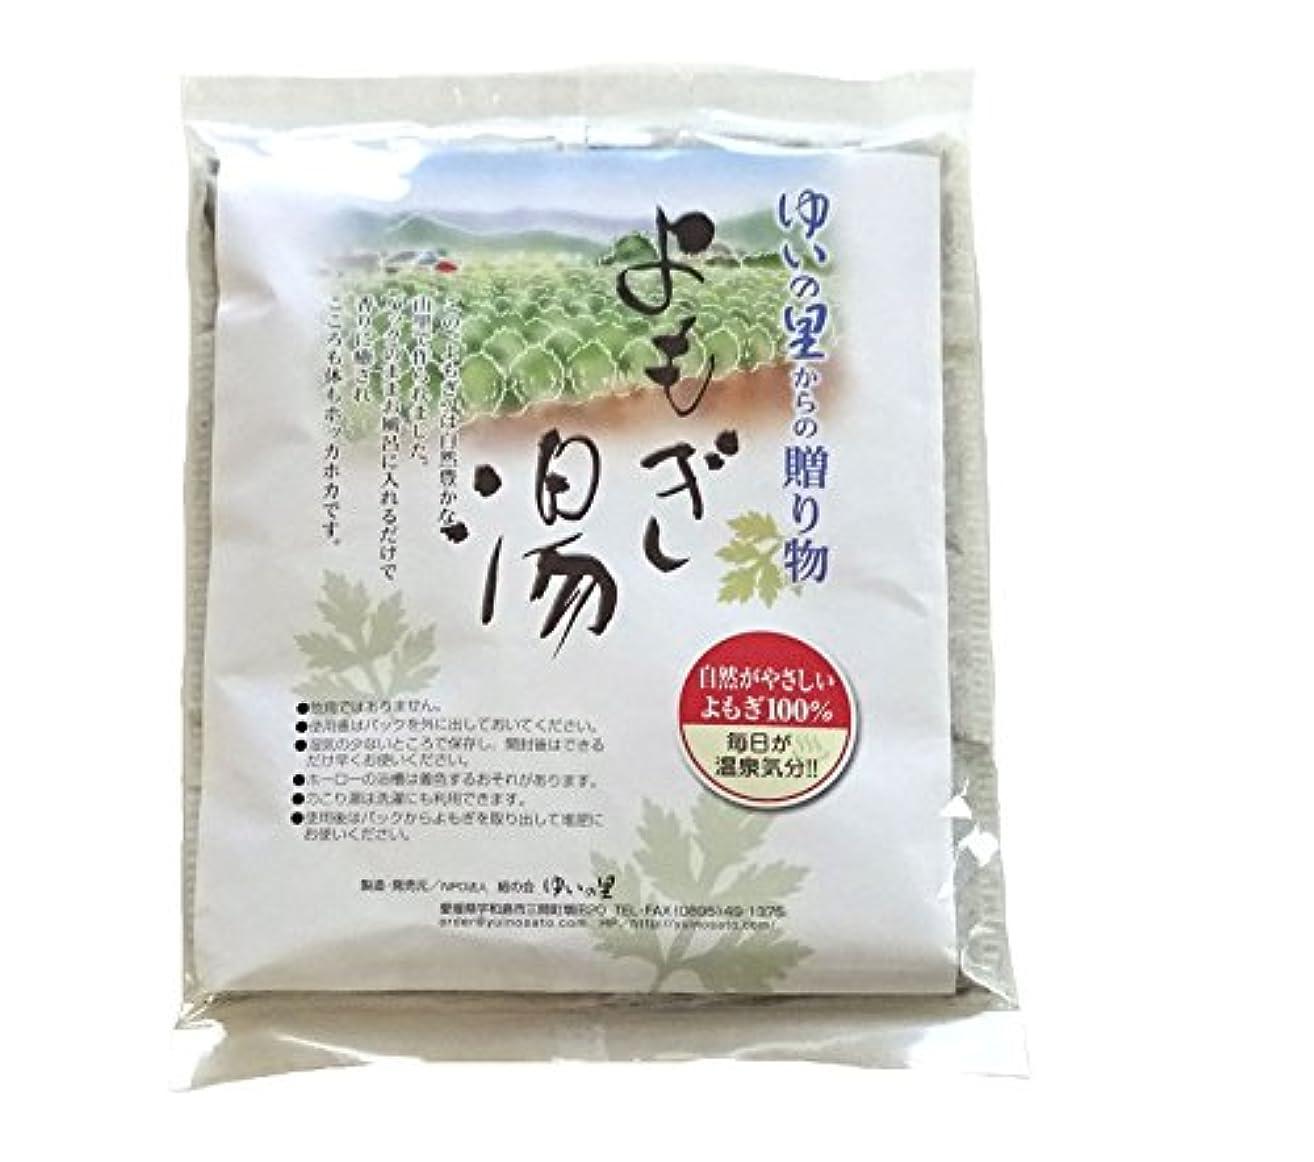 田舎者刈るブランデーよもぎ湯入浴パック (10パック入) 愛媛県産 自家栽培よもぎ100%使用